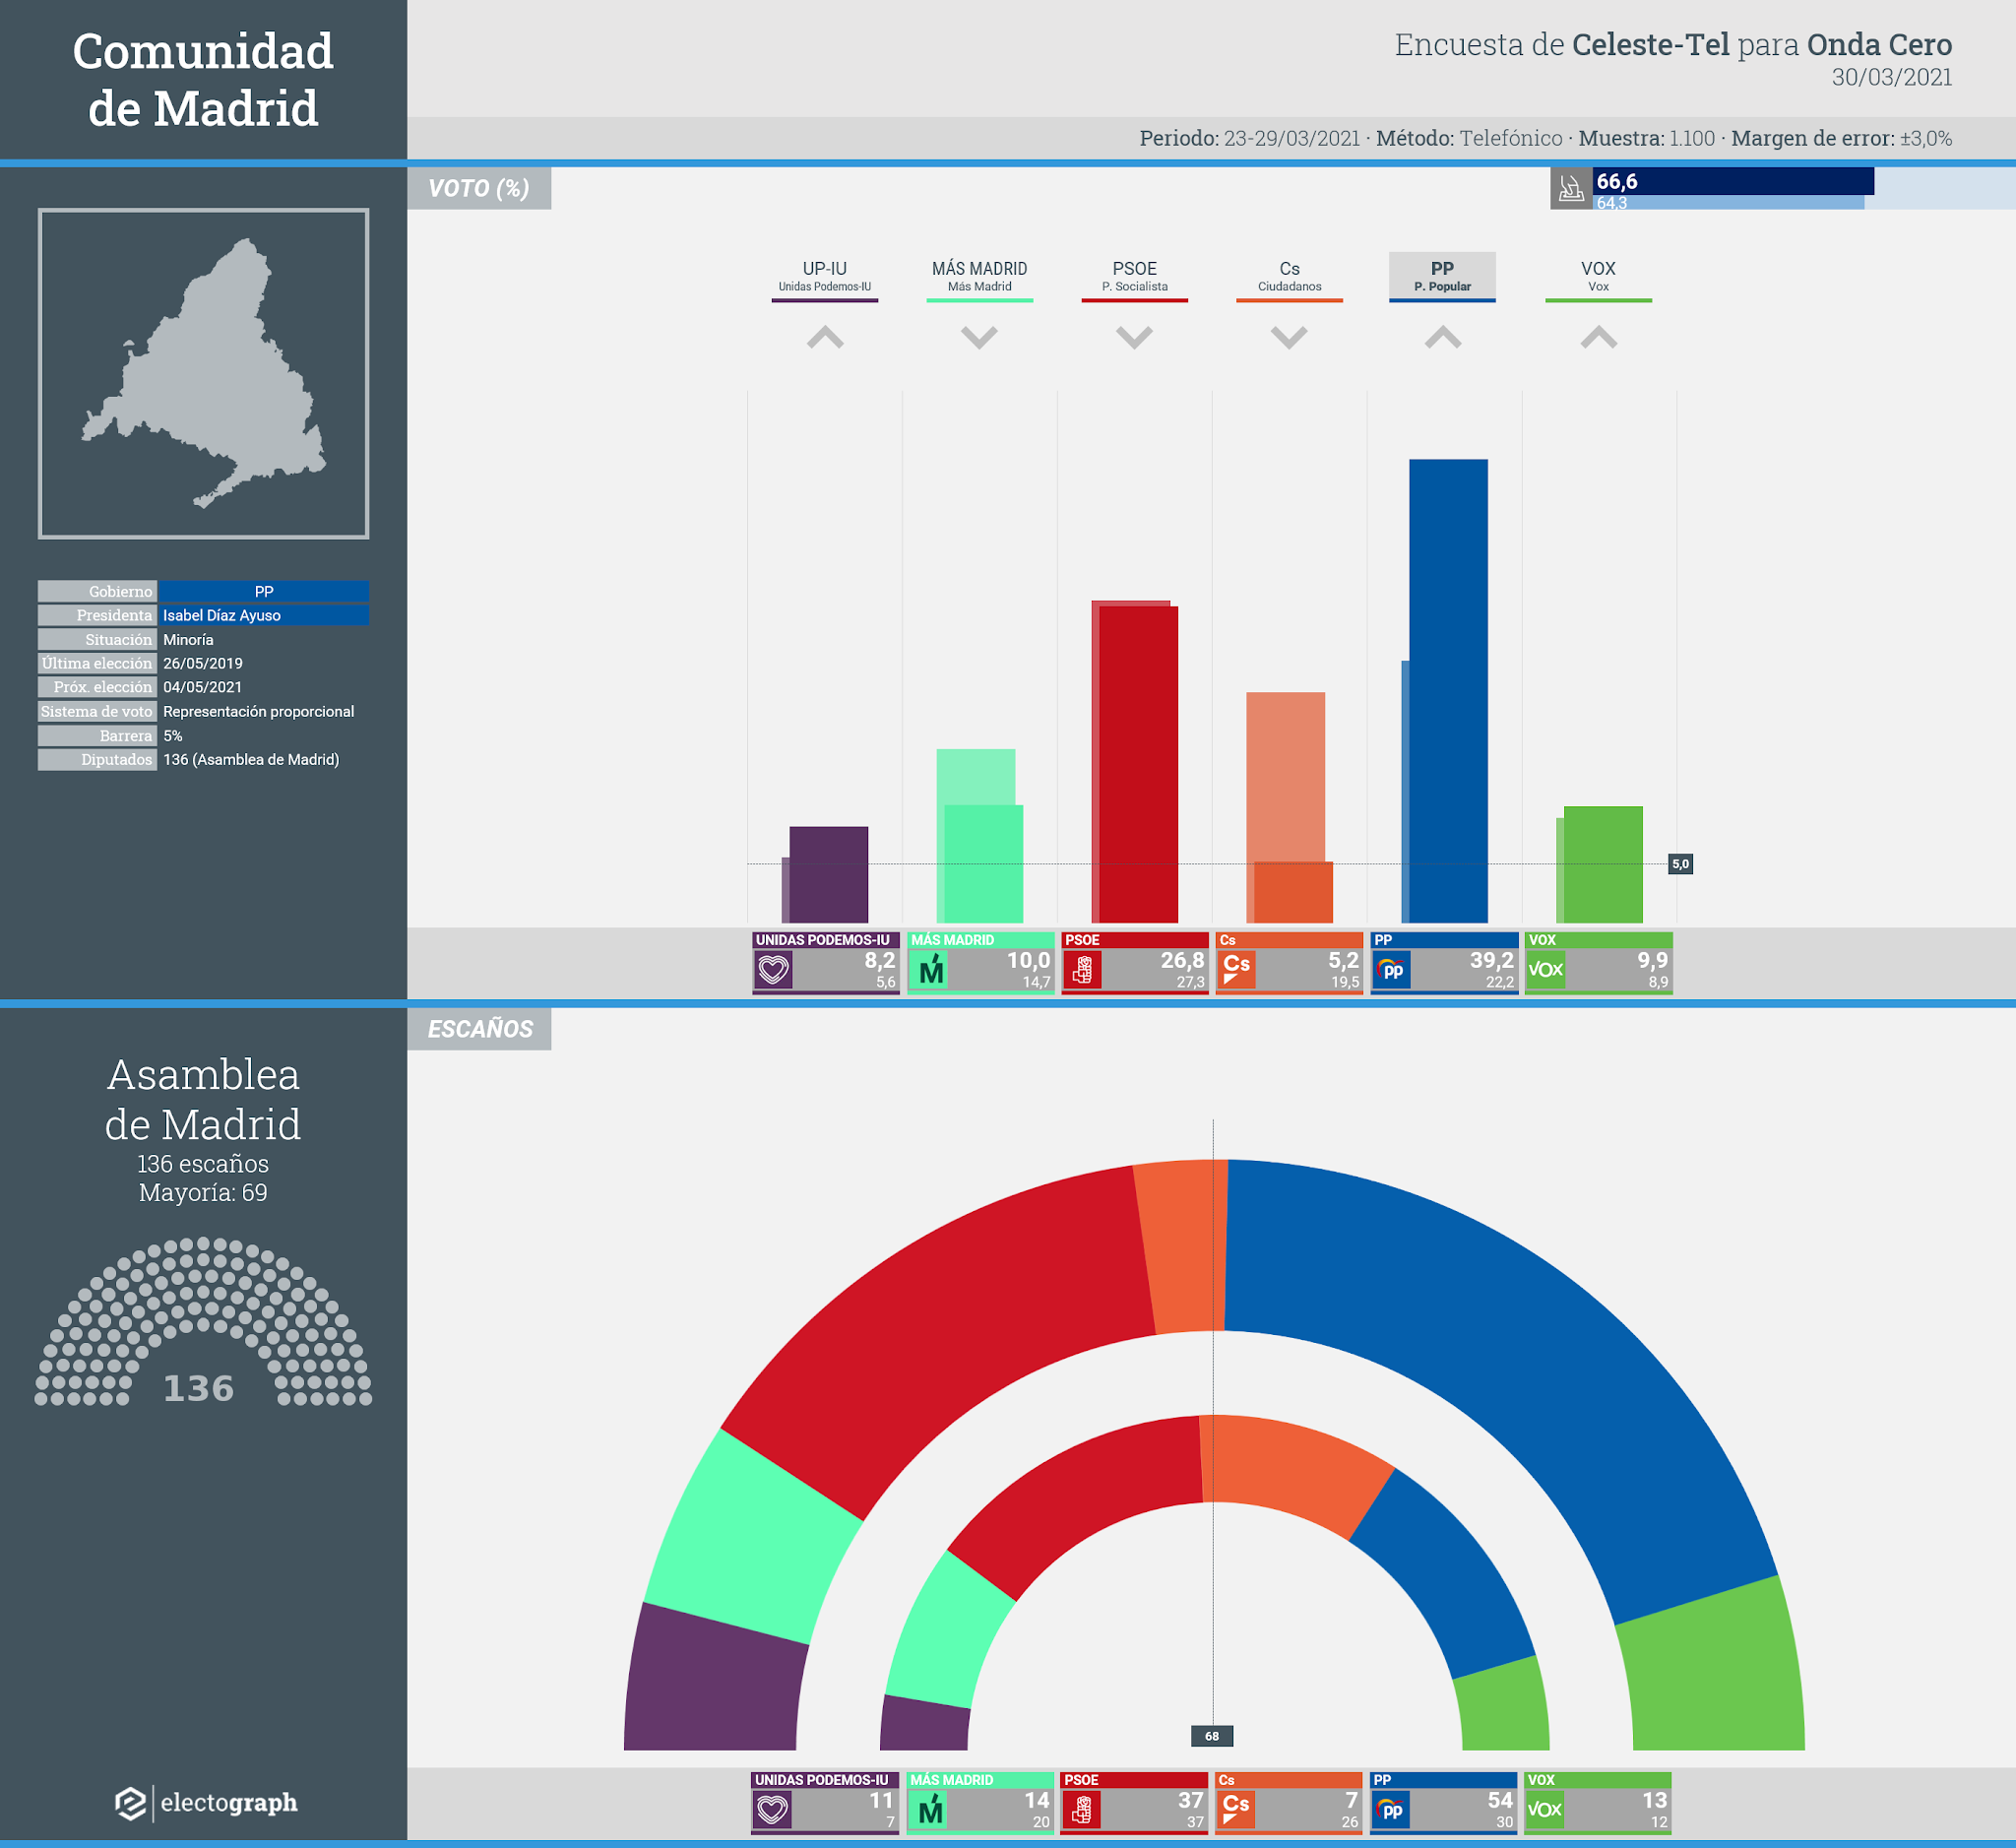 Gráfico de la encuesta para elecciones autonómicas en la Comunidad de Madrid realizada por Celeste-Tel para Onda Cero, 30 de marzo de 2021